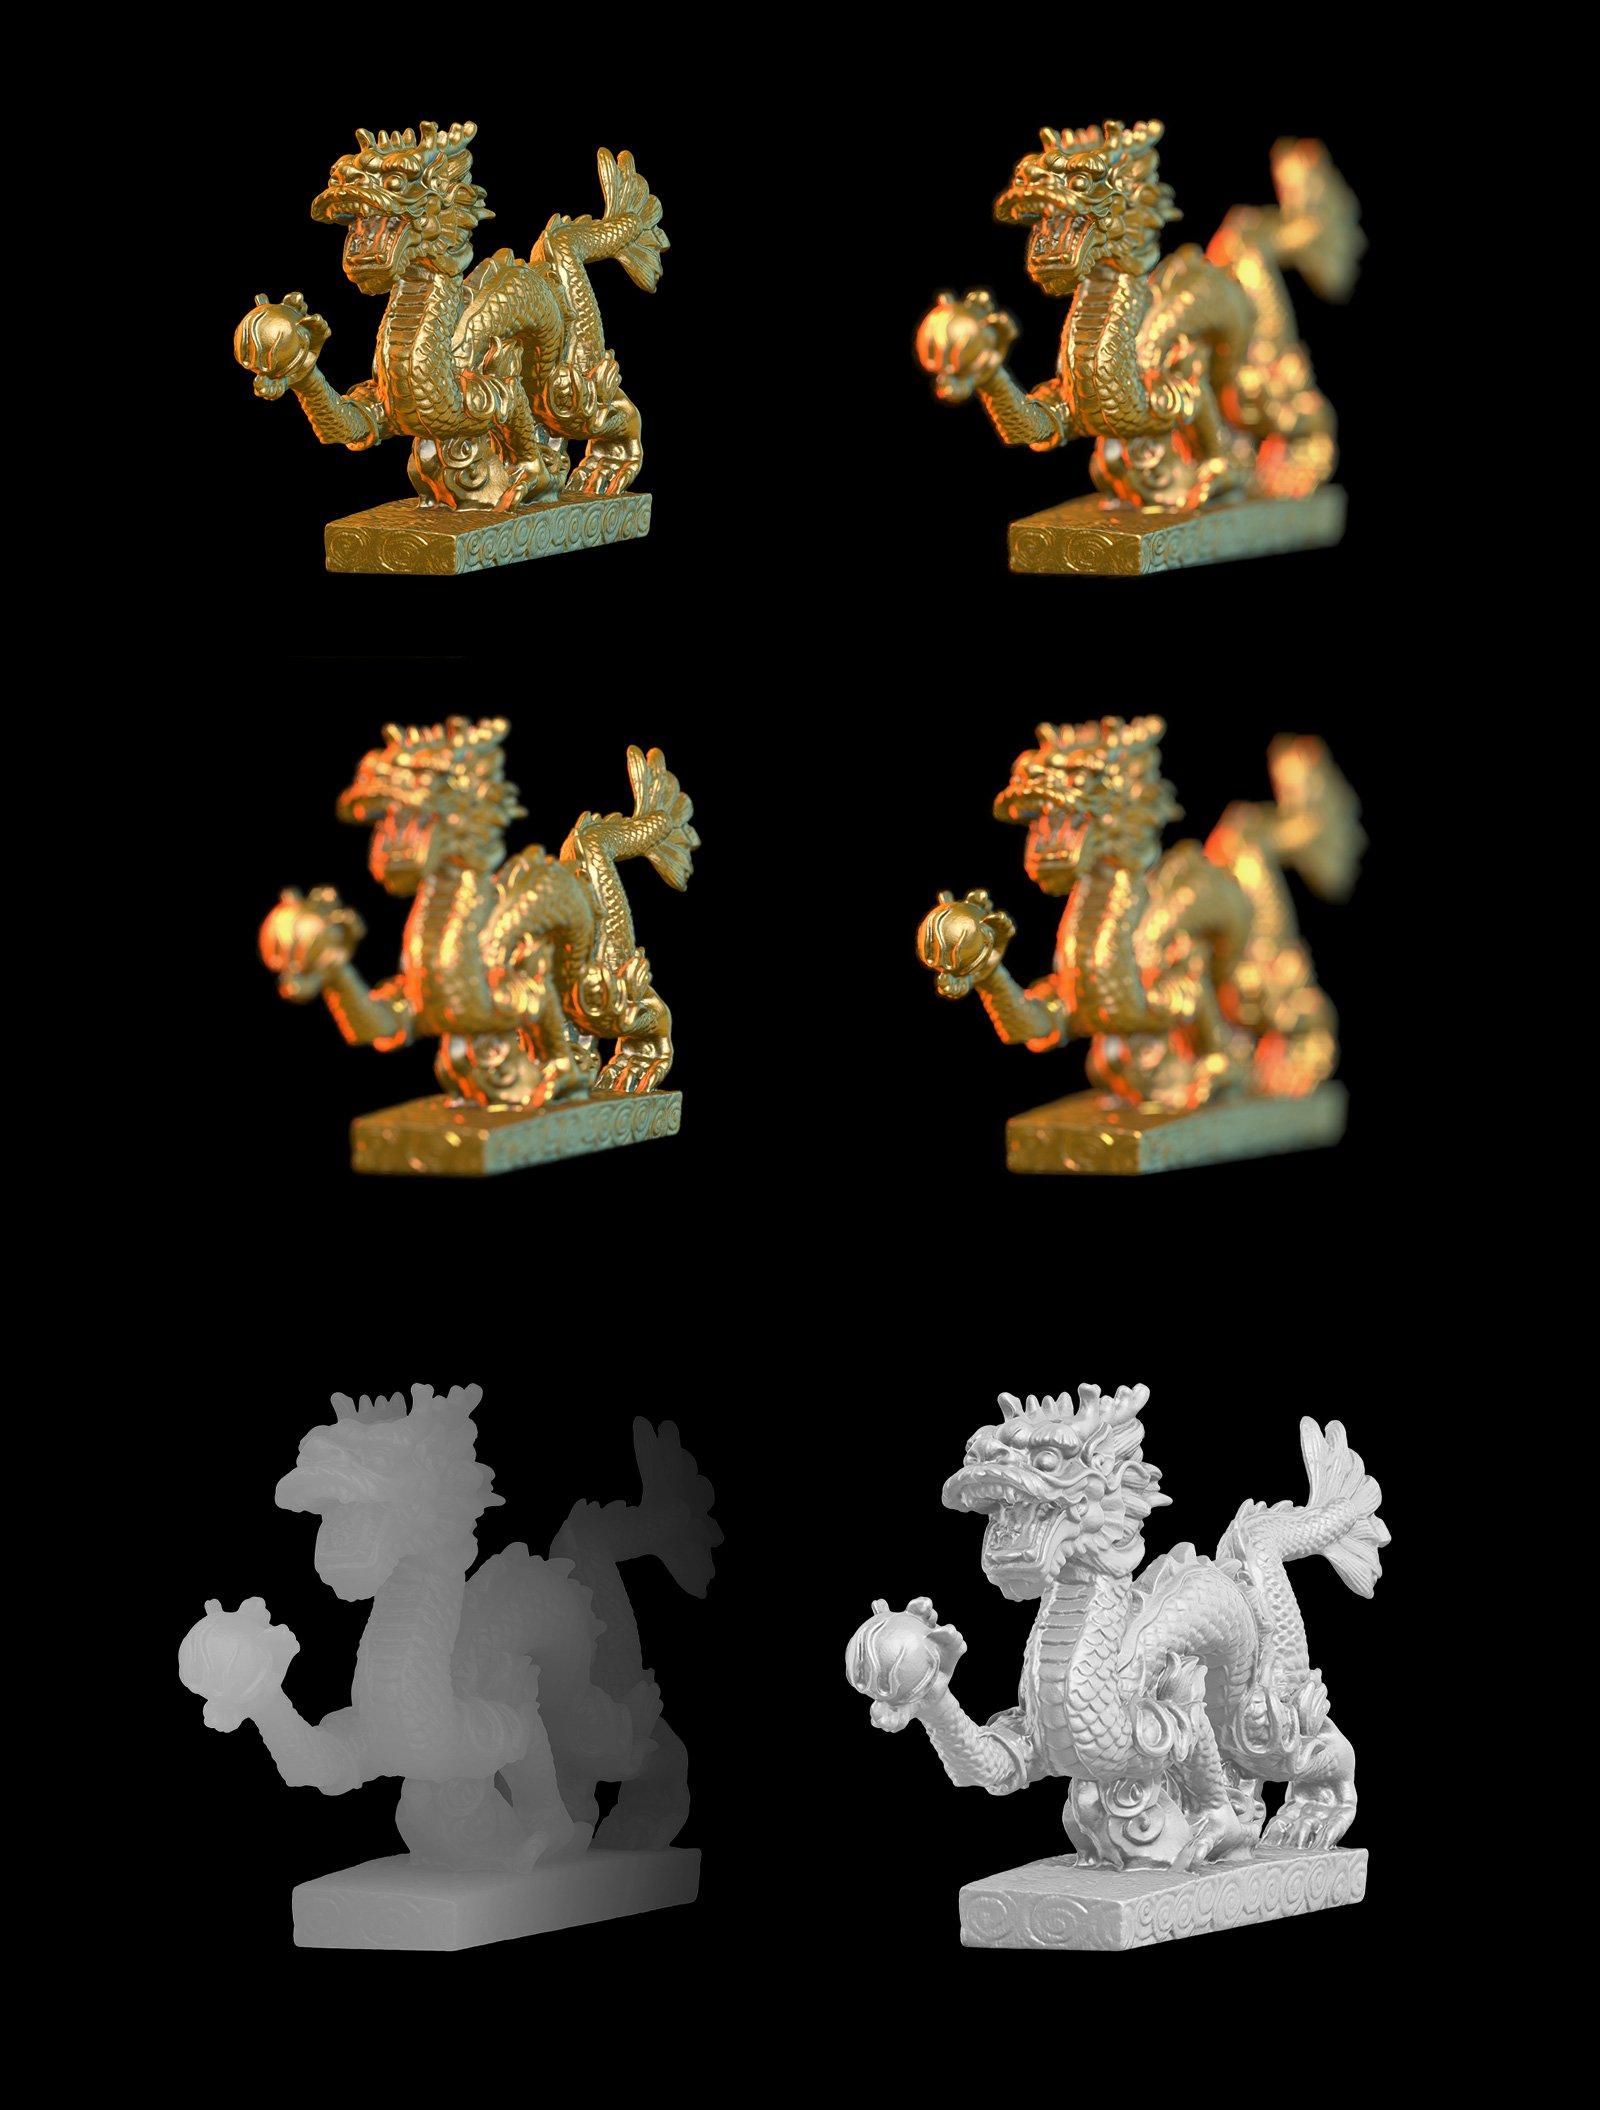 [淘宝购买] 343款复古蒸汽波艺术人物动物石膏雕像模型PS素材源文件 343 Sculptures Mockup插图(4)